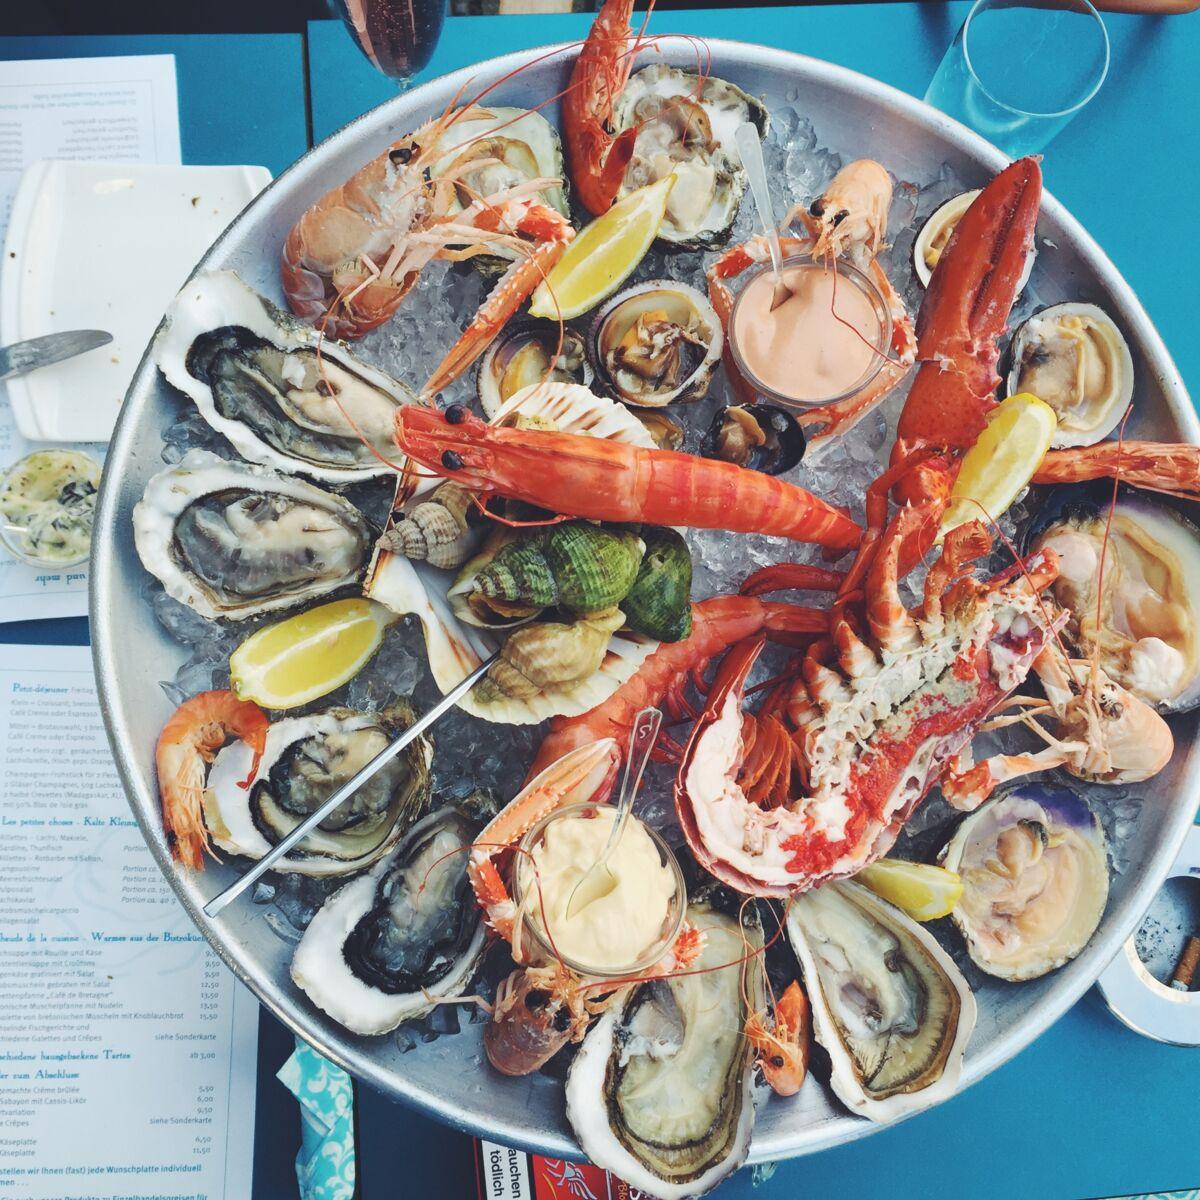 huîtres pour perdre du poids avis de perte de poids v care